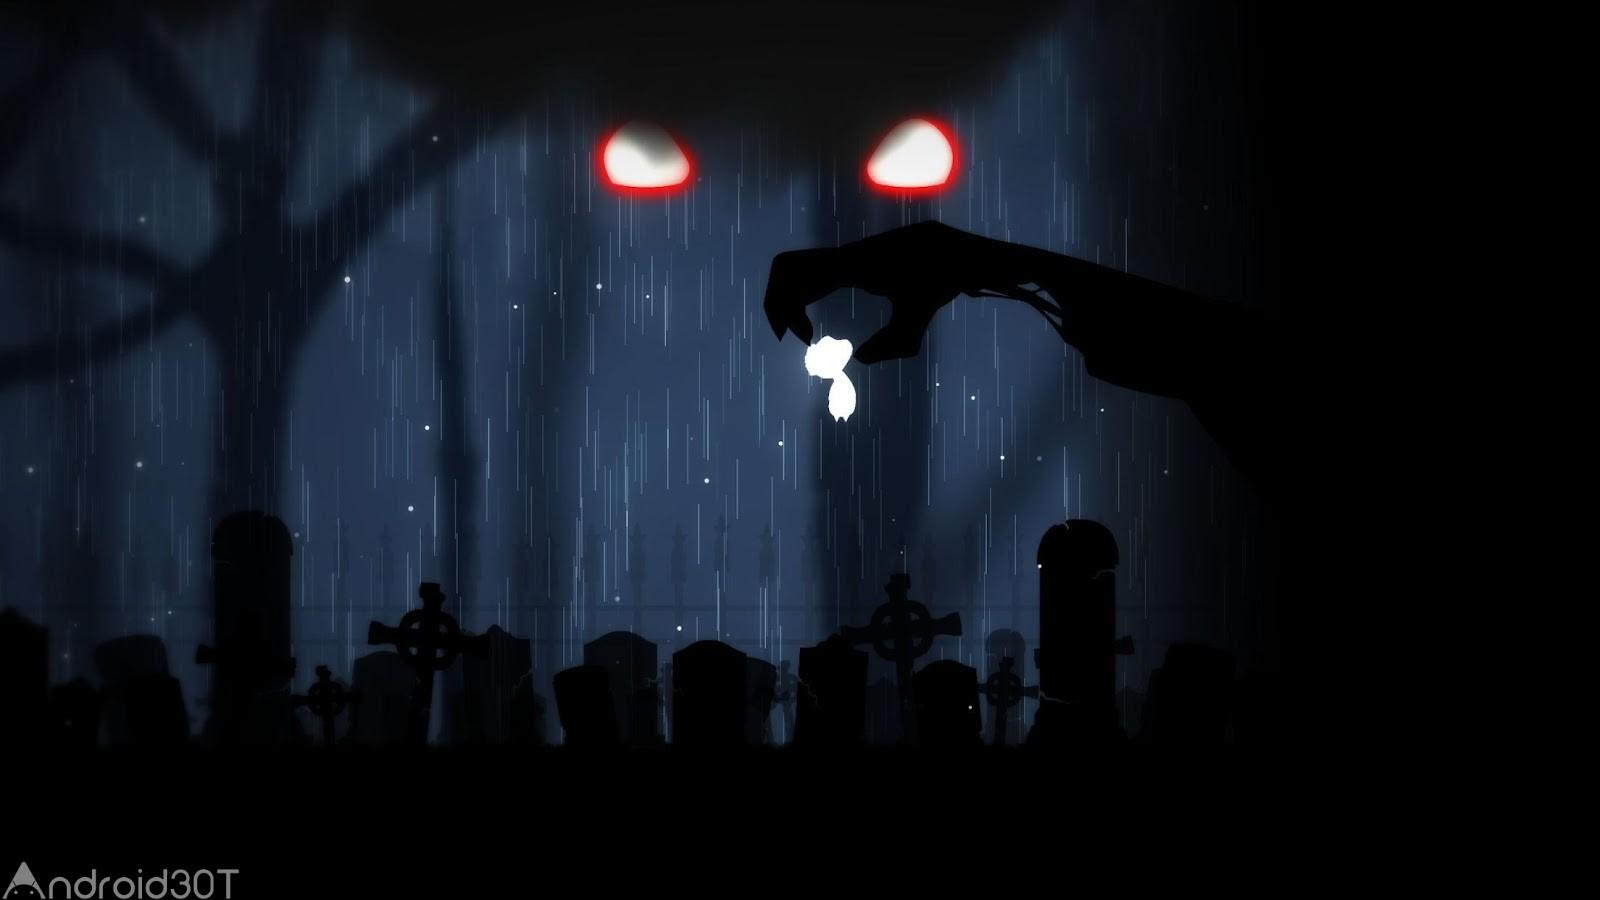 دانلود Soulless – Ray of Hope 1.0 Full – بازی ماجراجویی دنیای بدون روح اندروید